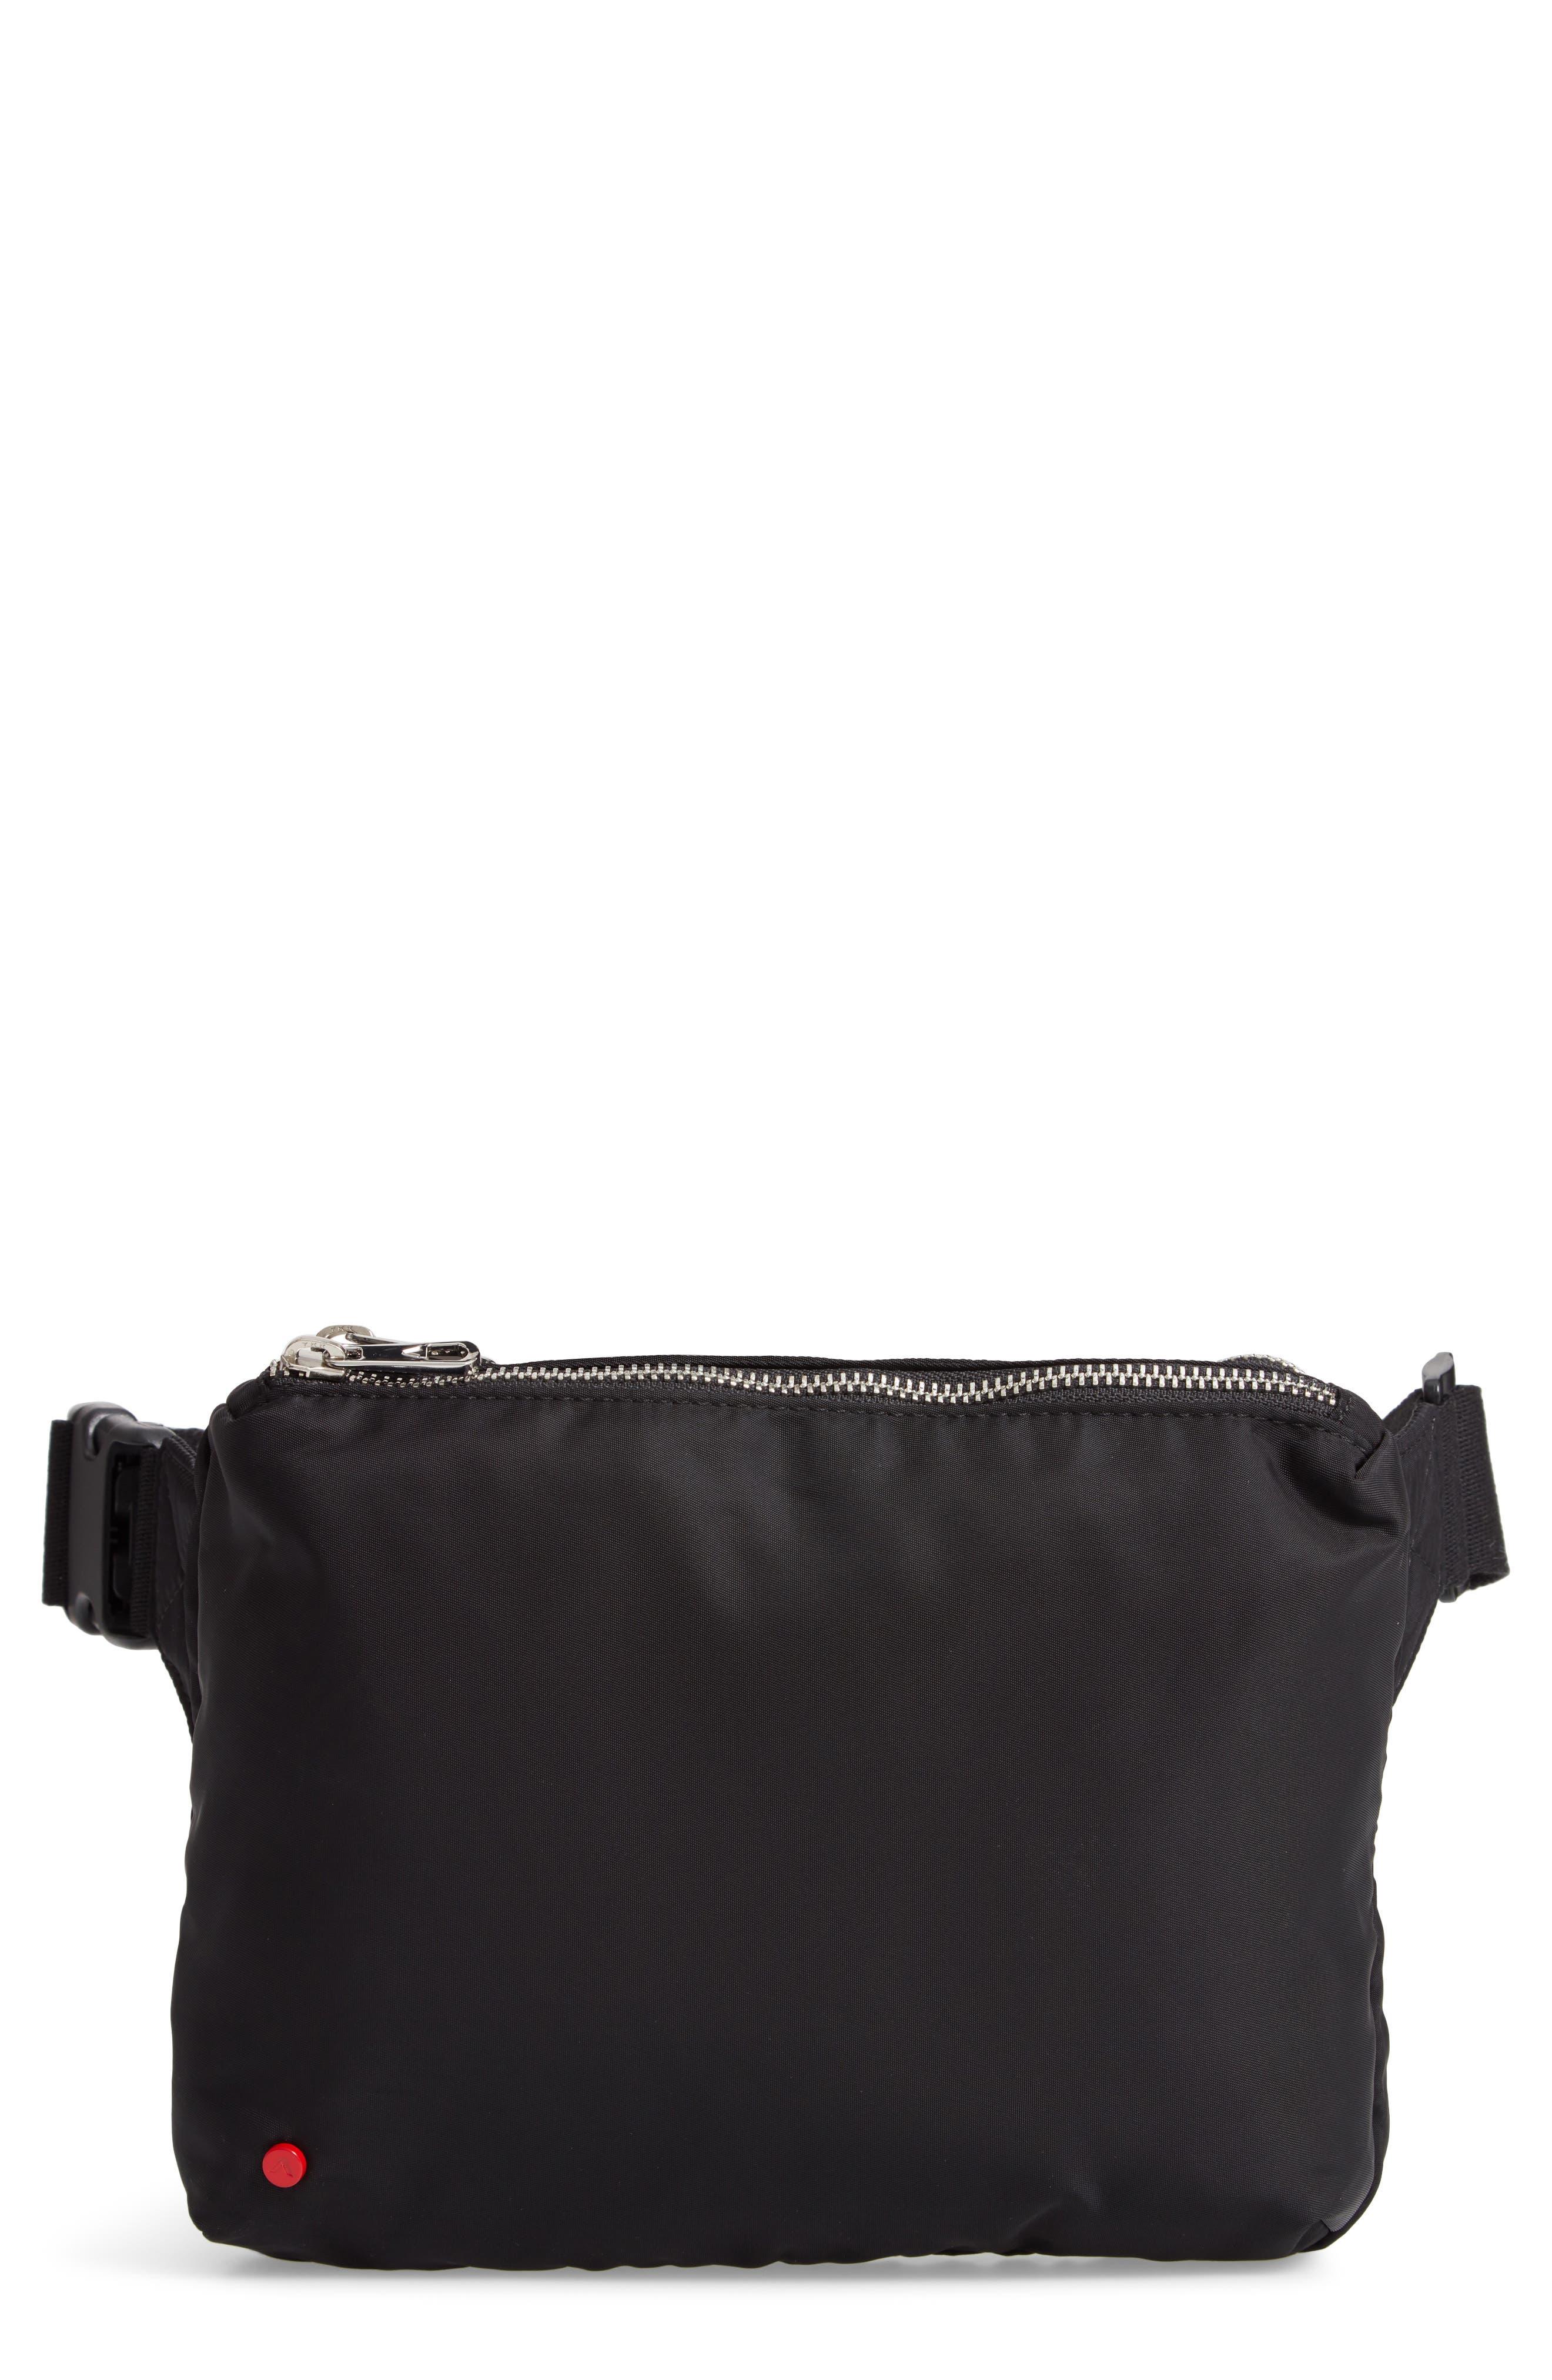 STATE Webster Belt Bag - Black